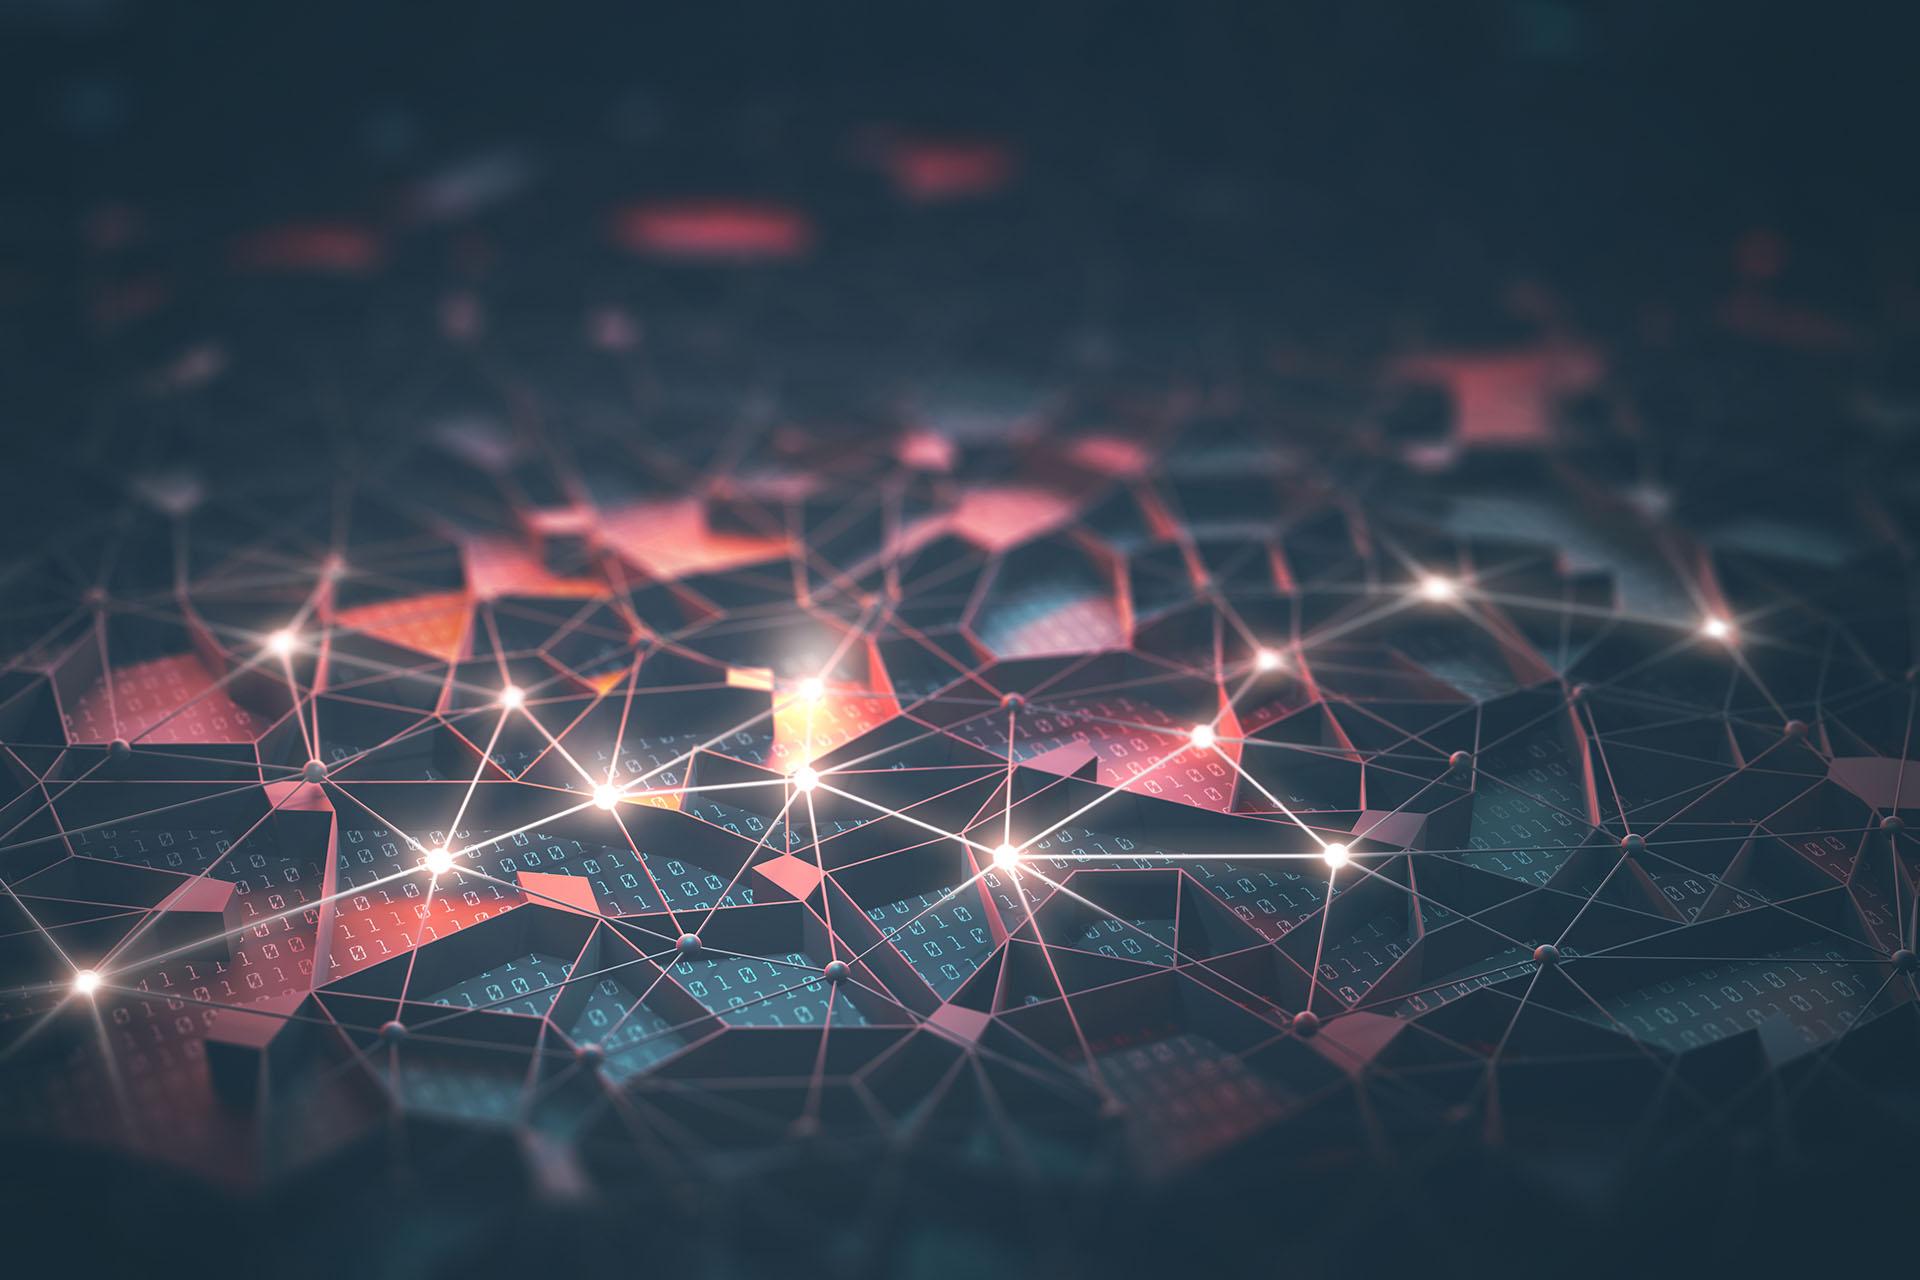 Enseñar física a la Inteligencia Artificial ayuda a adaptarla al caos